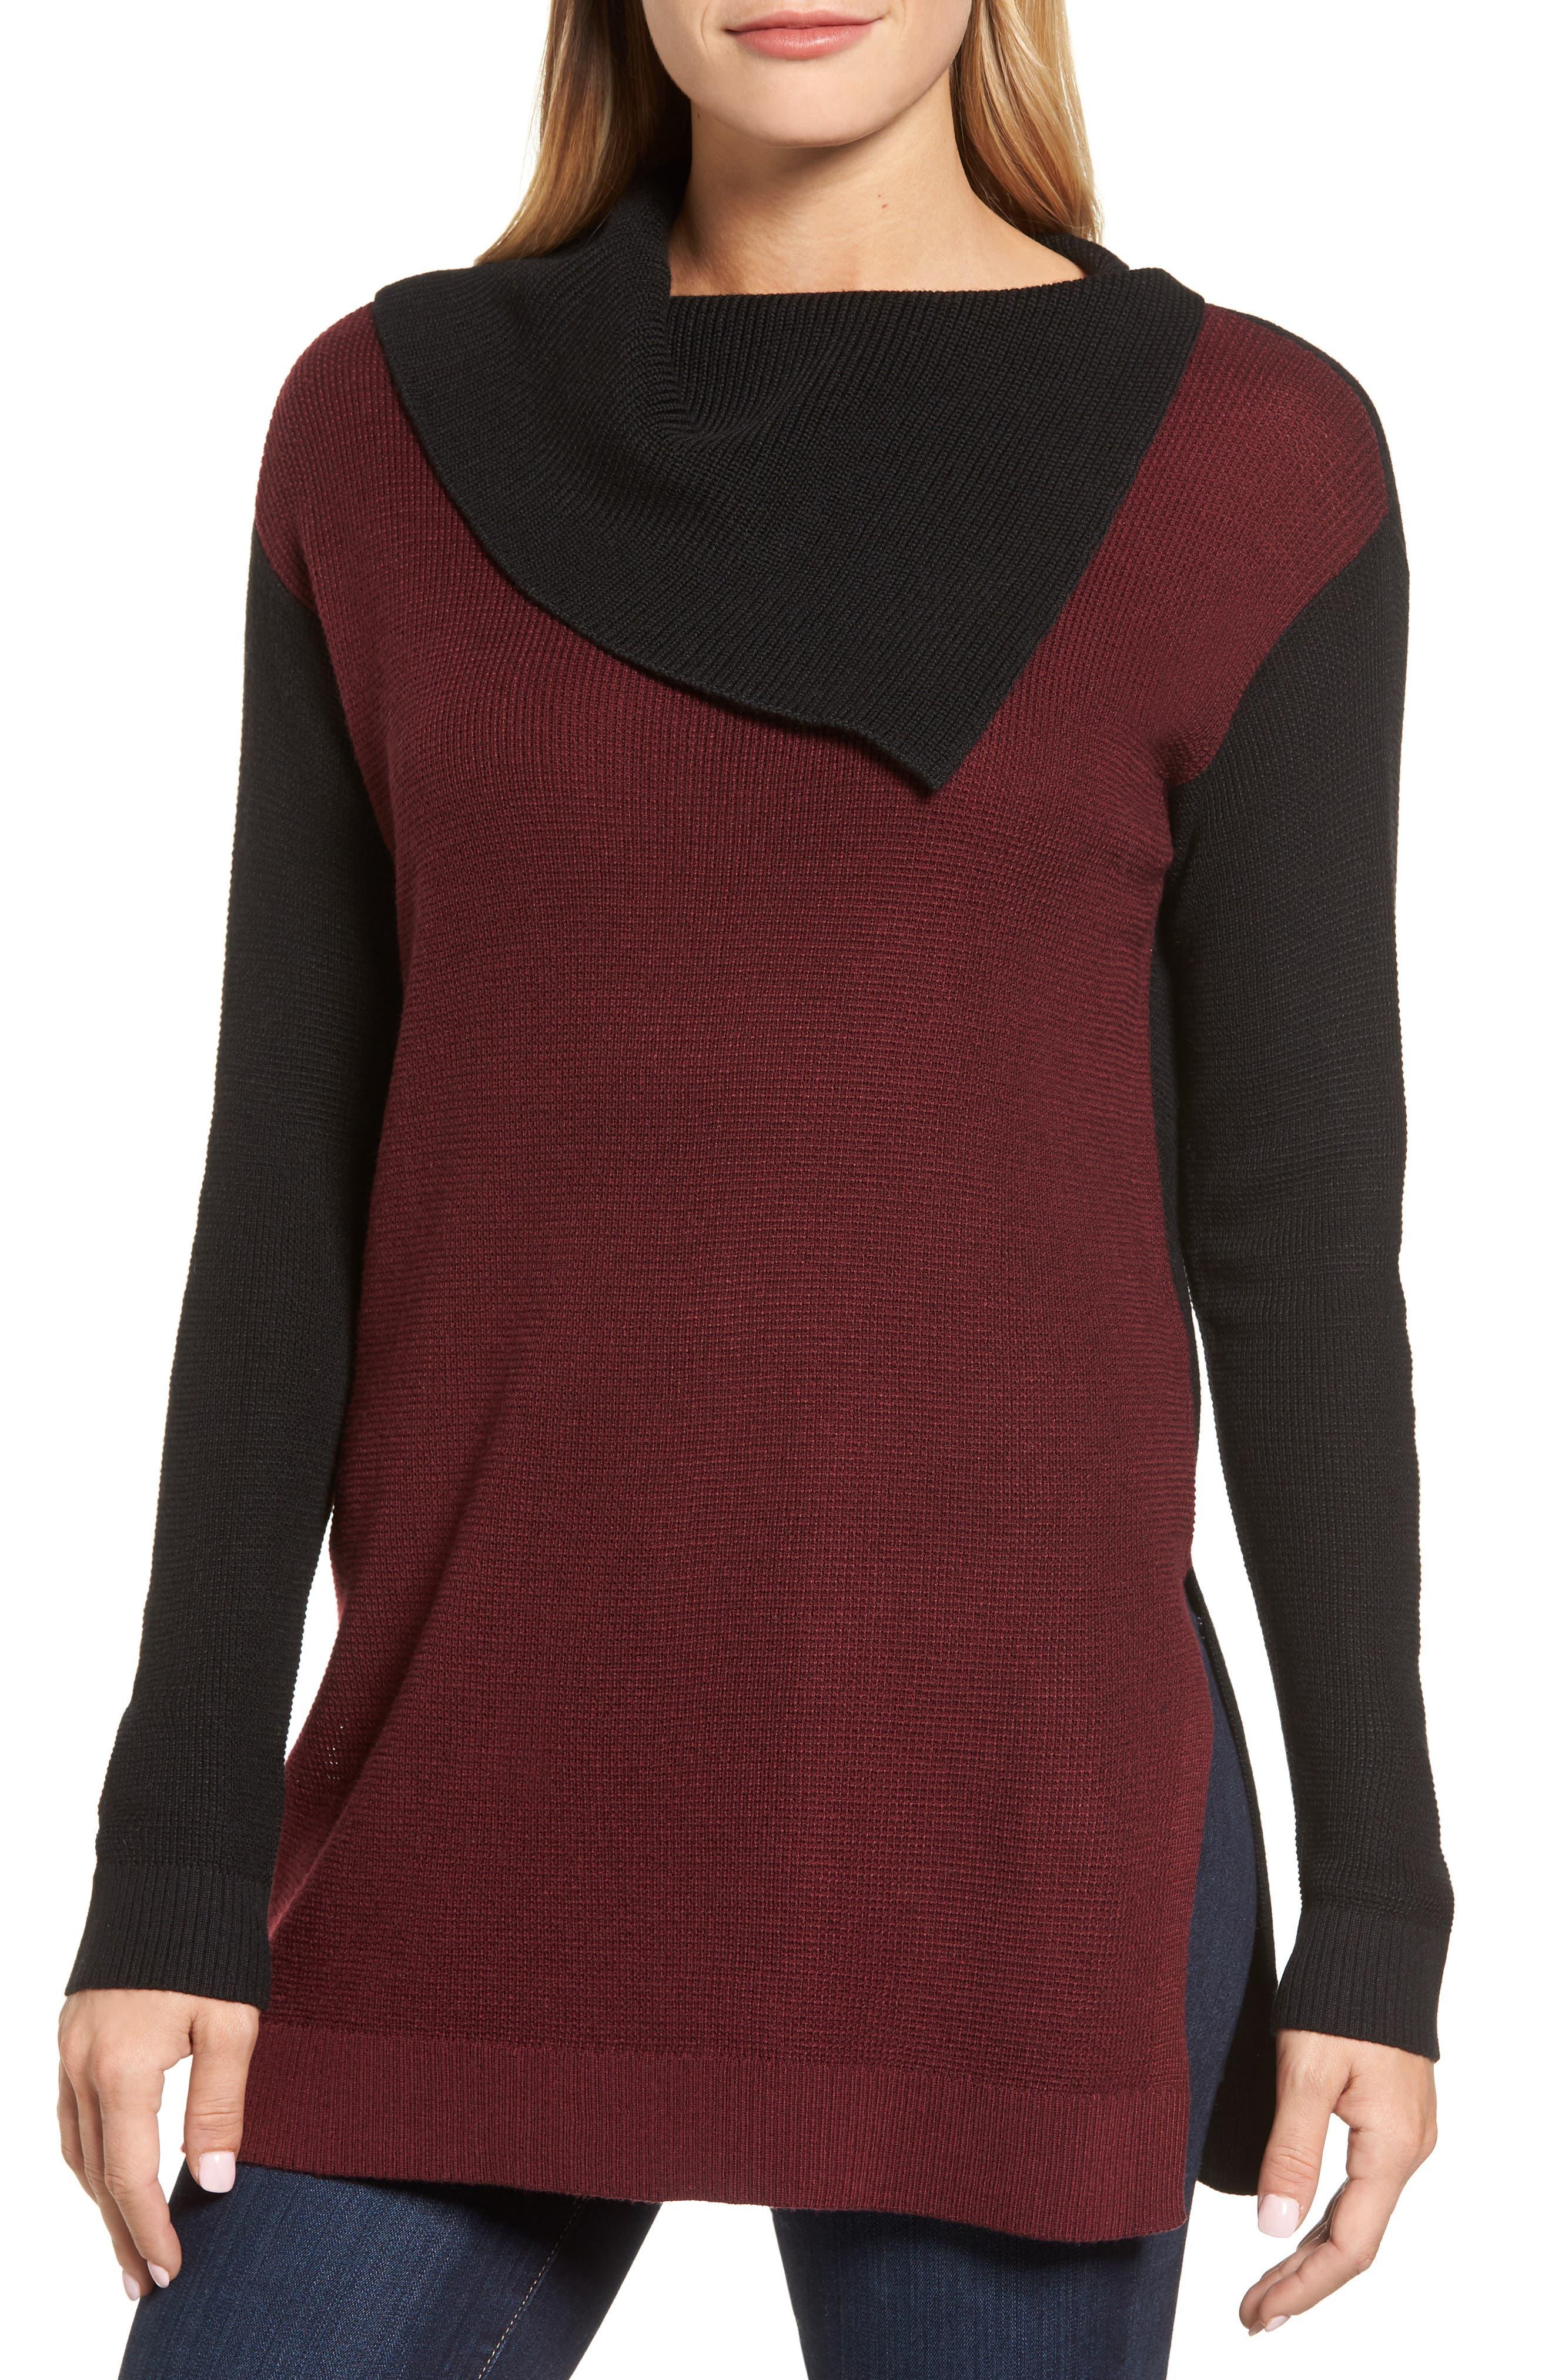 Vince Camuto Colorblock Sweater (Regular & Petite)